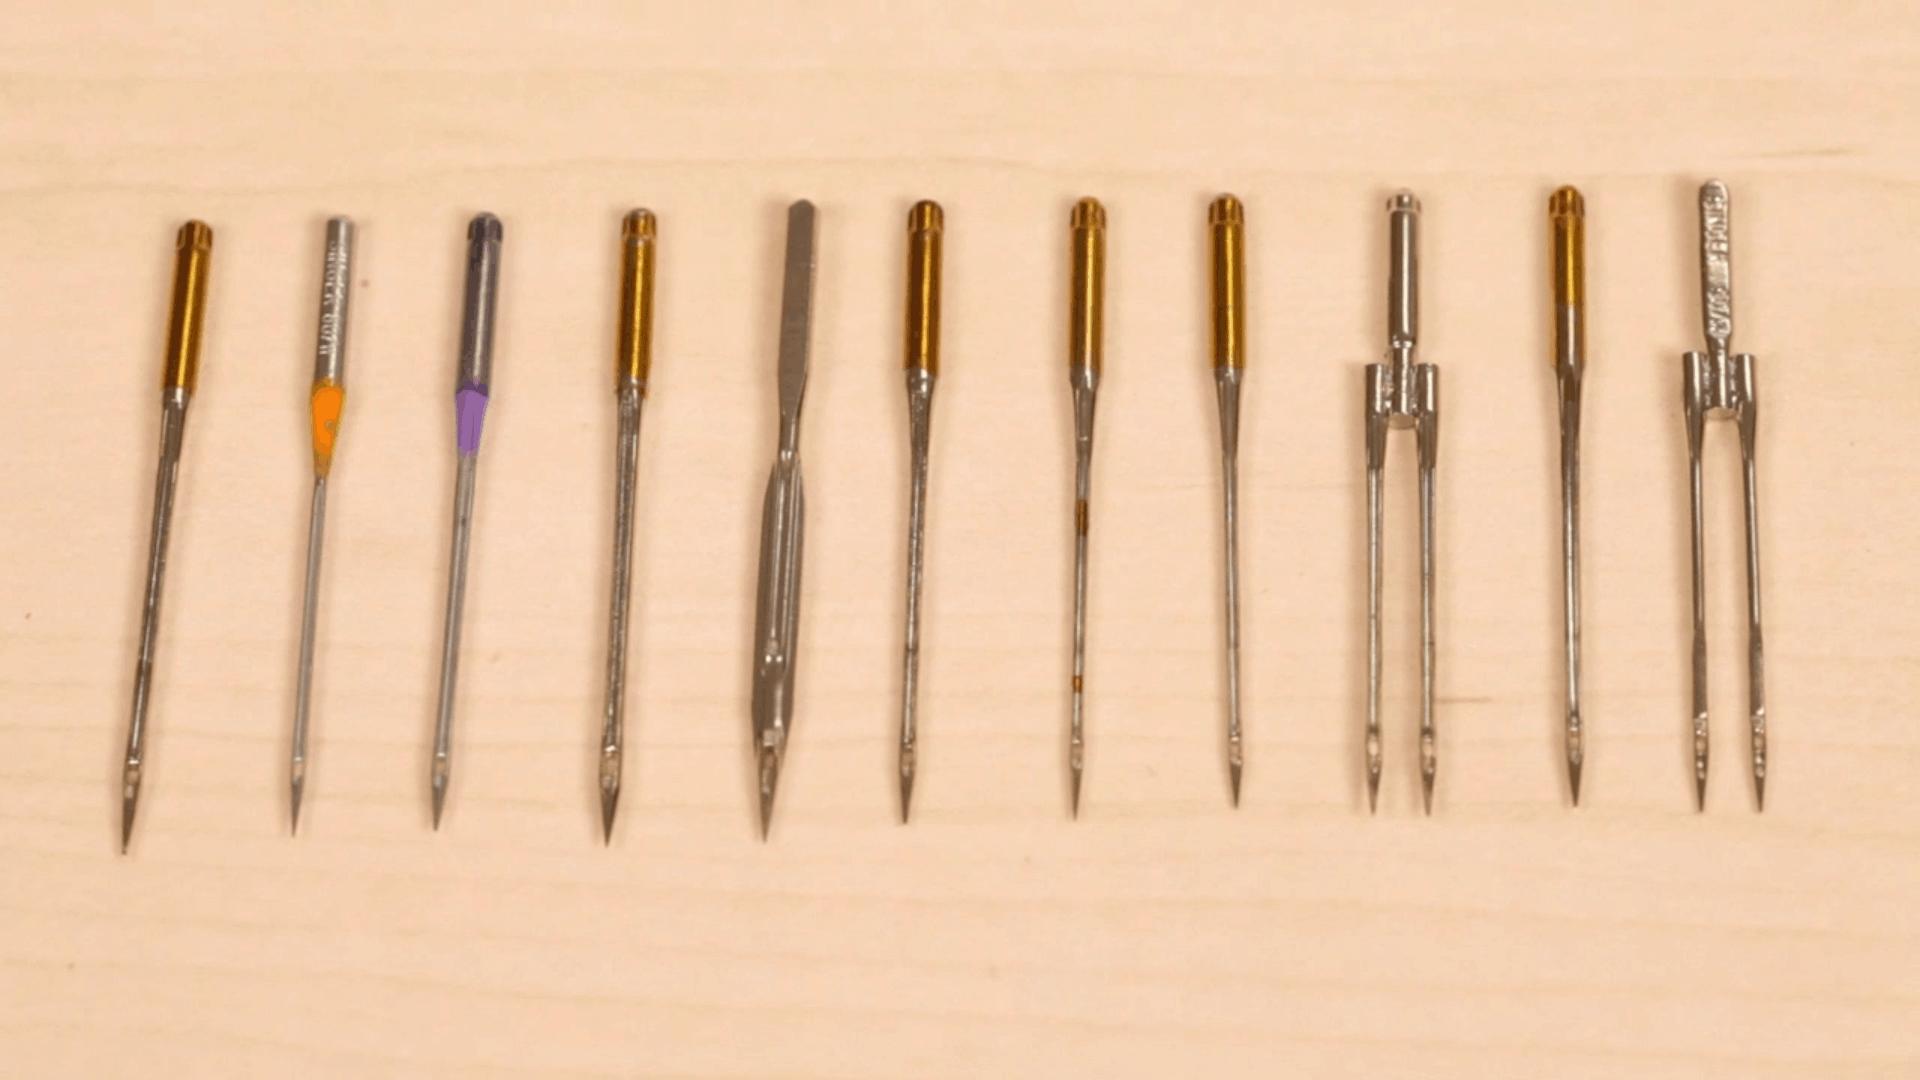 qual é o tipo de agulha ideal para cada trabalho